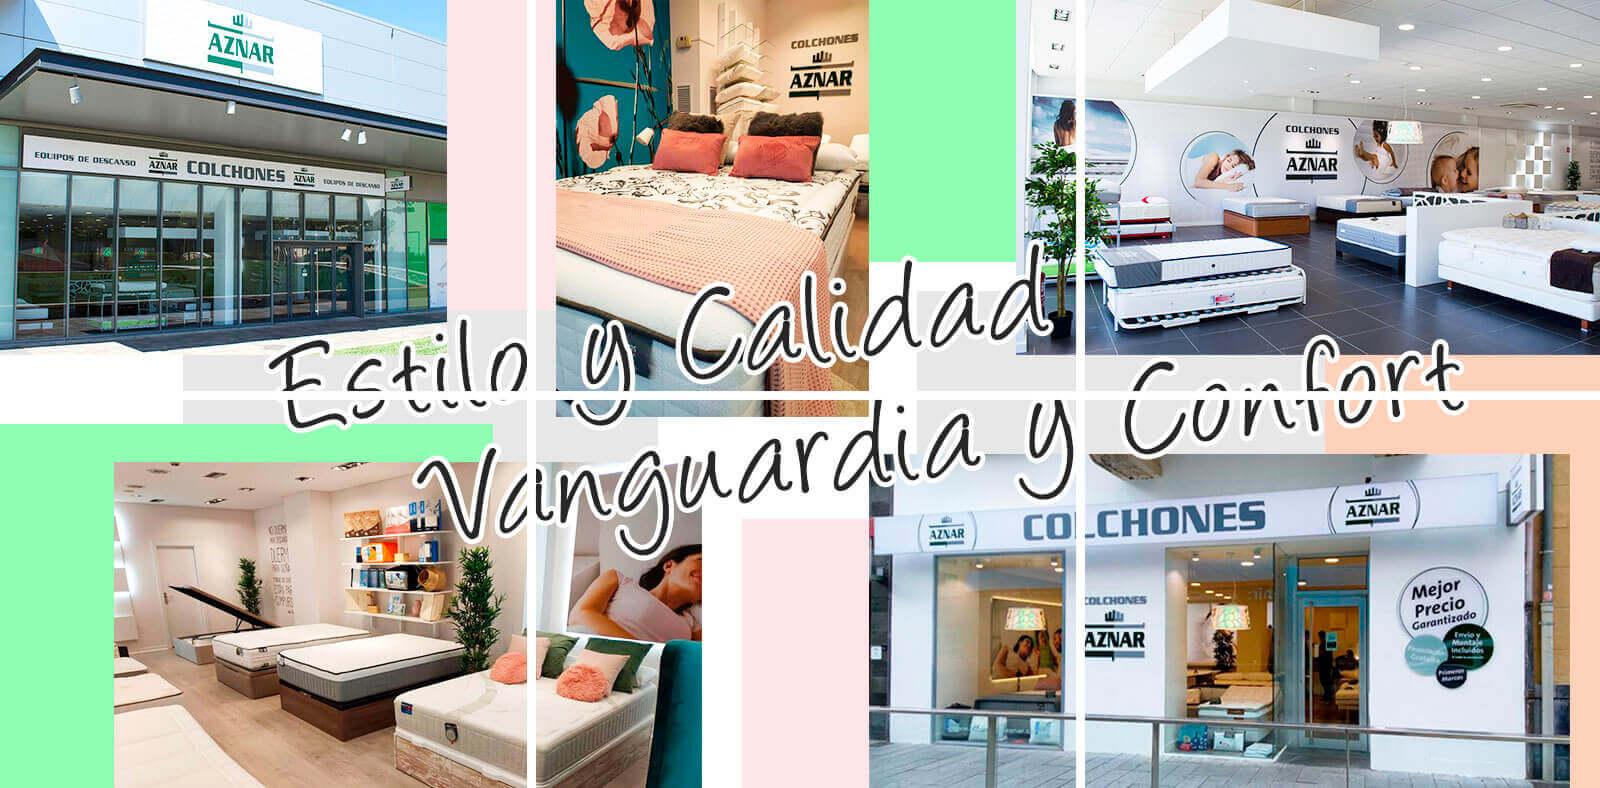 Colchones Aznar tiendas en España